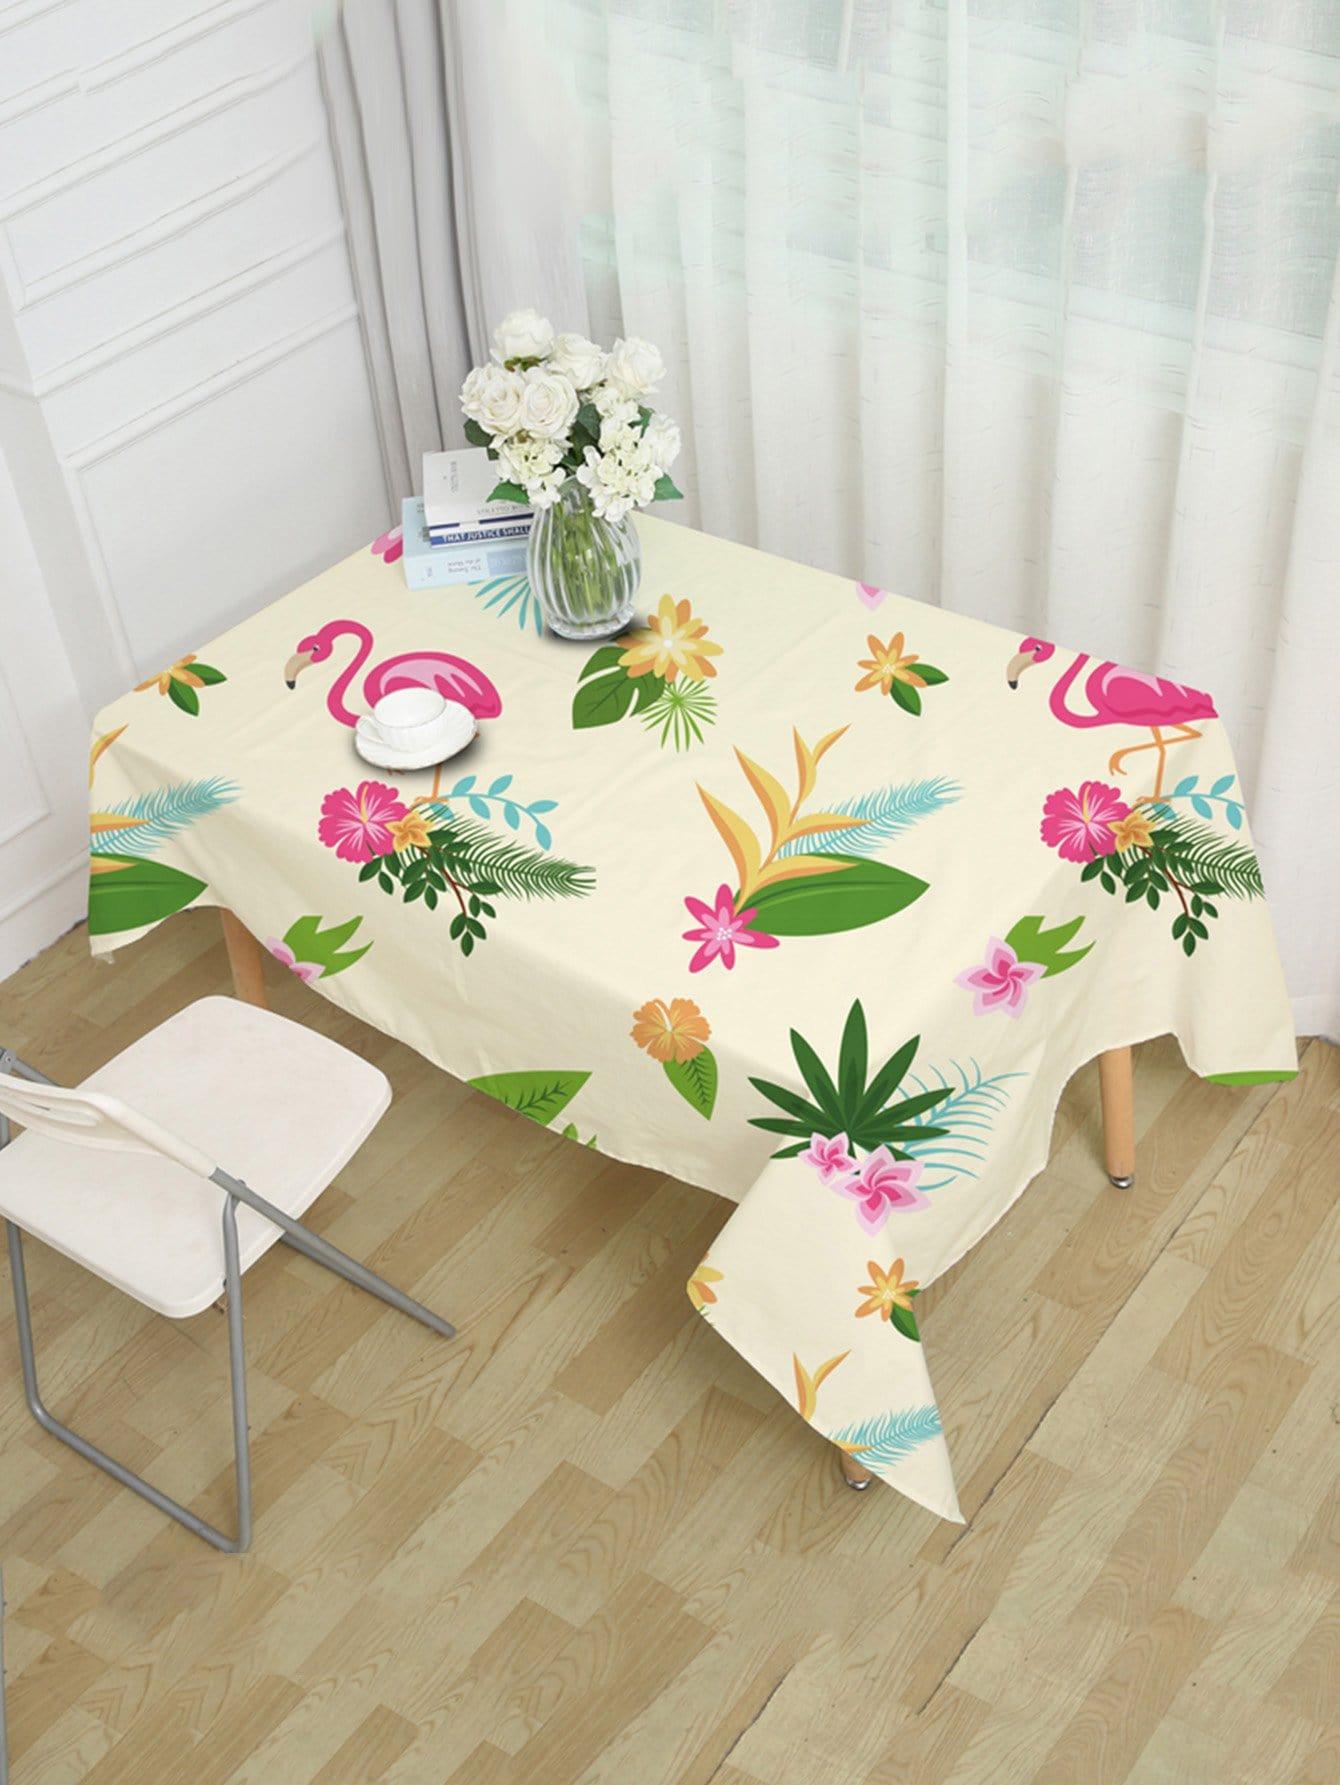 Скатерть с рисунками фламинго и тропических листьев